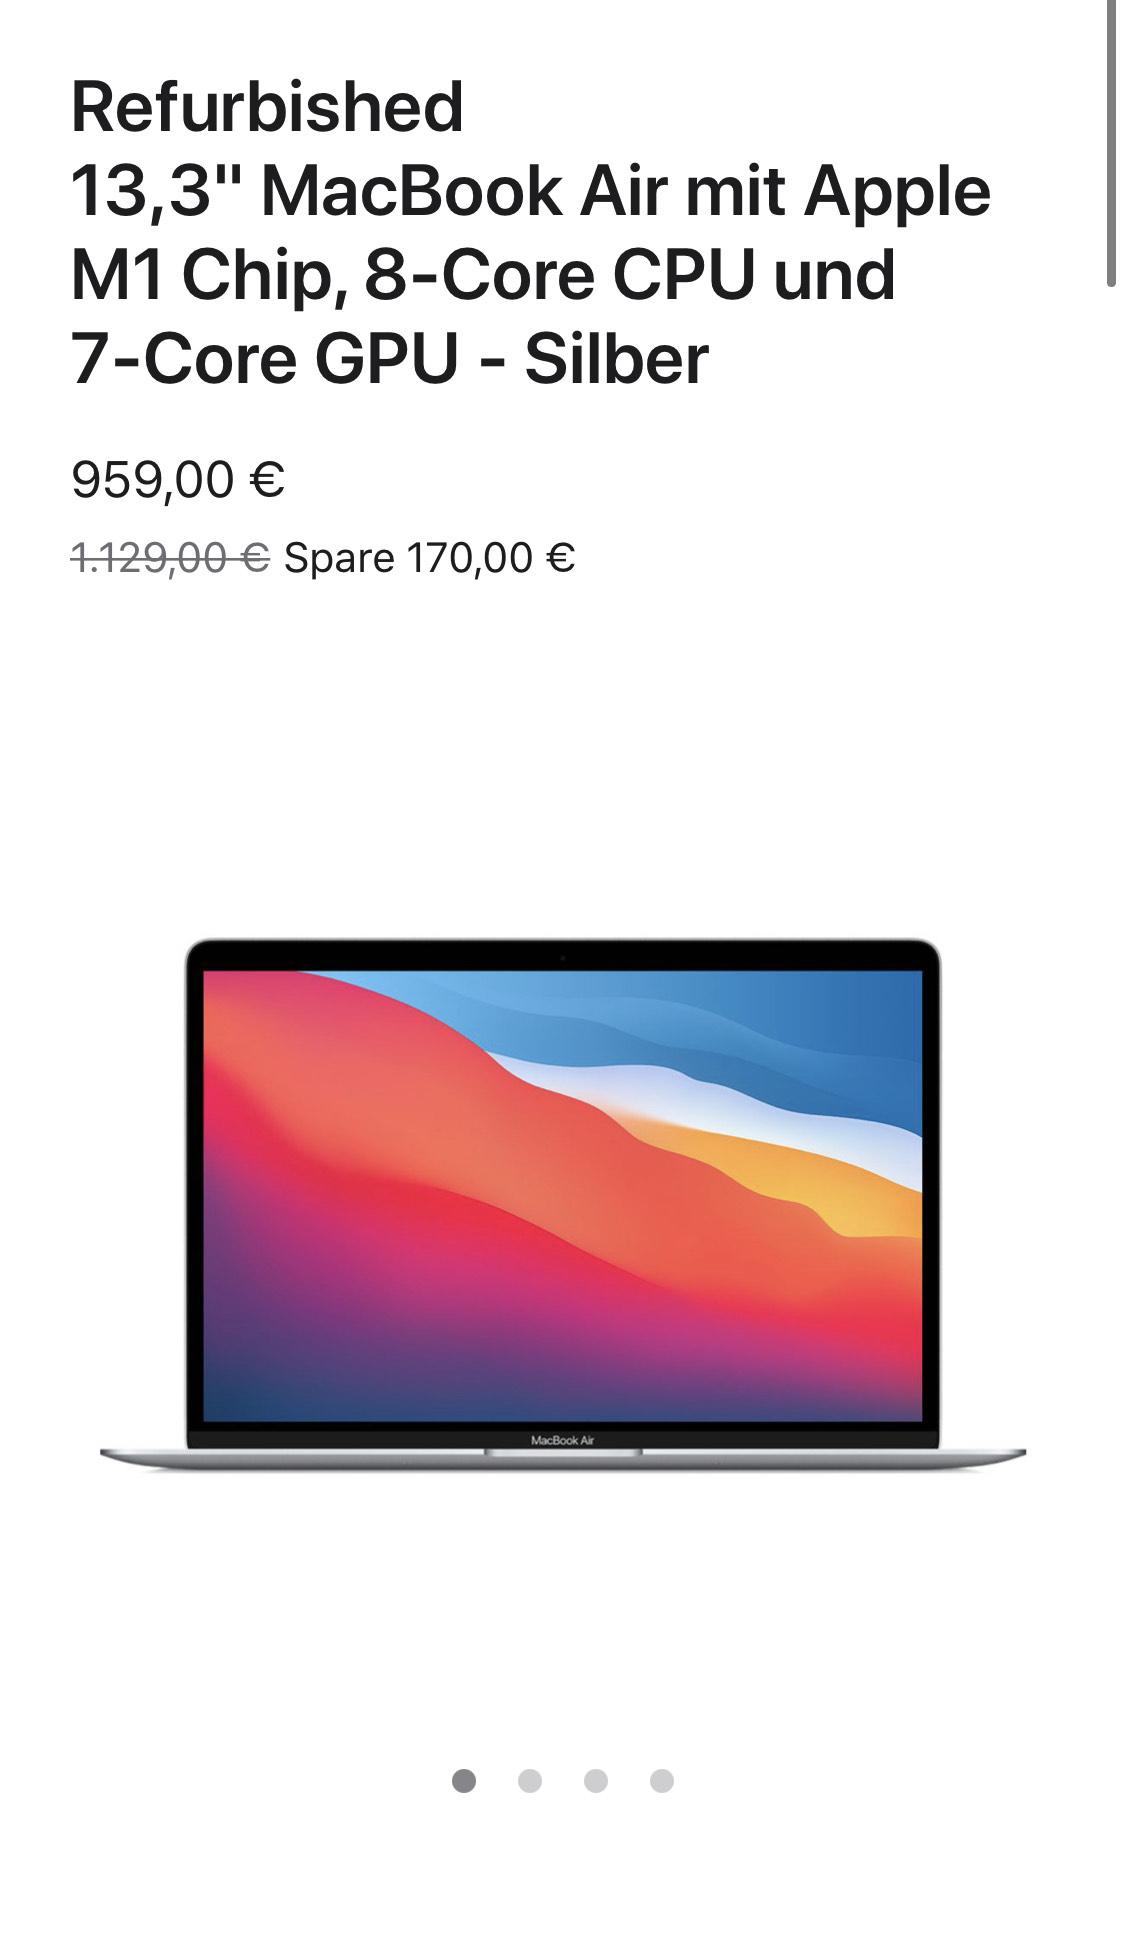 """[Apple Store] Refurbished 13,3"""" MacBook Air mit Apple M1 Chip, 8‑Core CPU und 7‑Core GPU"""